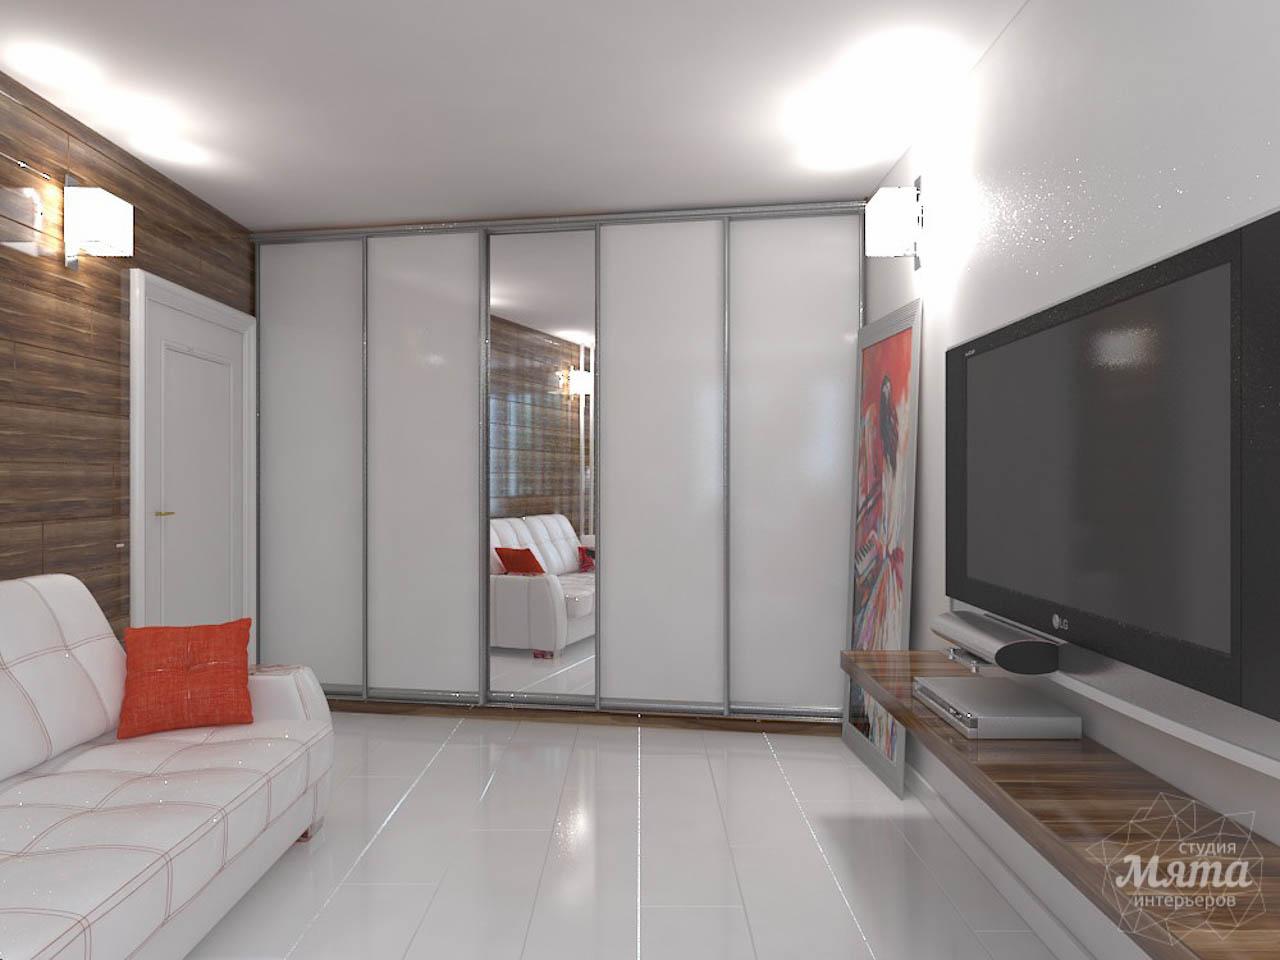 дизайн квартир фото 1 комнатной квартиры 30 кв.м хрущевка